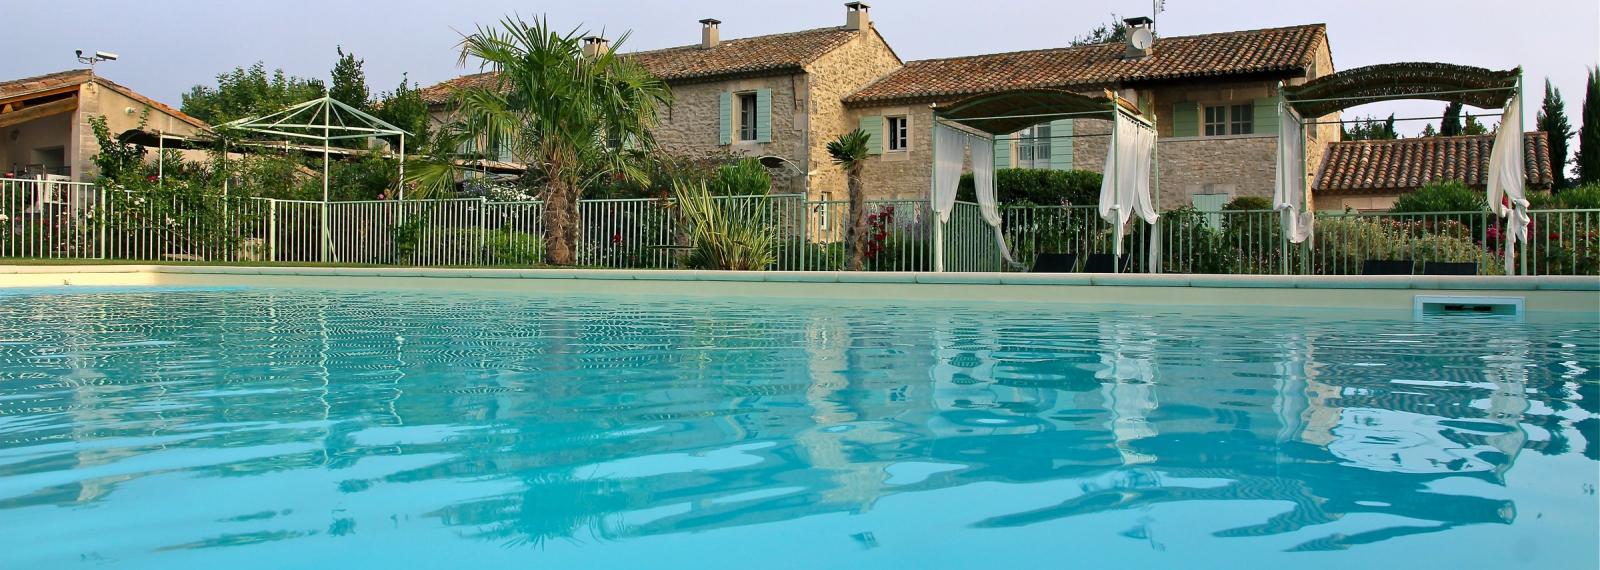 Chambres d'hôtes Mas des Figues à Saint-Rémy-de-Provence